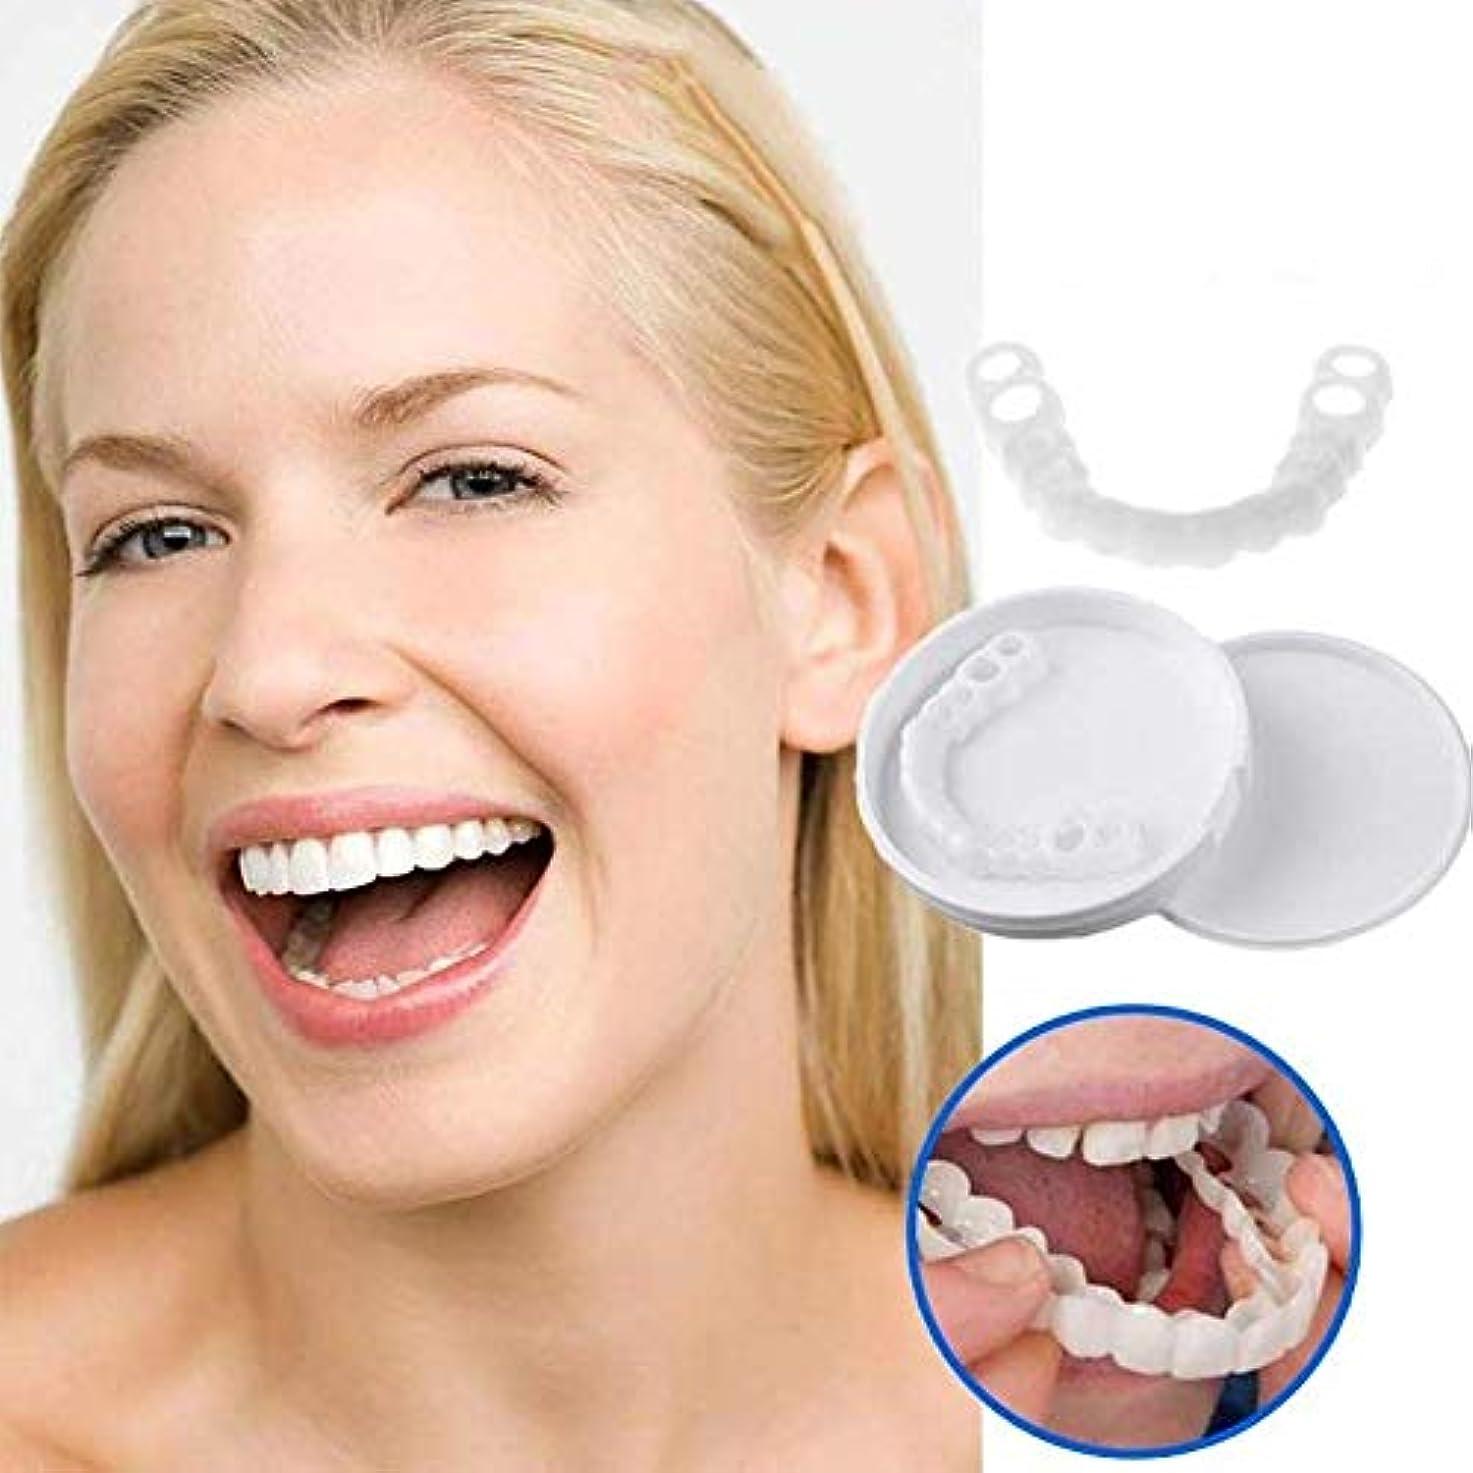 ポルトガル語輸血ビームベニアの歯の1ペア、化粧品の歯 - 一時的な笑顔と快適なフィット柔らかい化粧品の歯、すべてが最もフィットし、快適な上下のベニヤ - 歯のベニア(下+上)